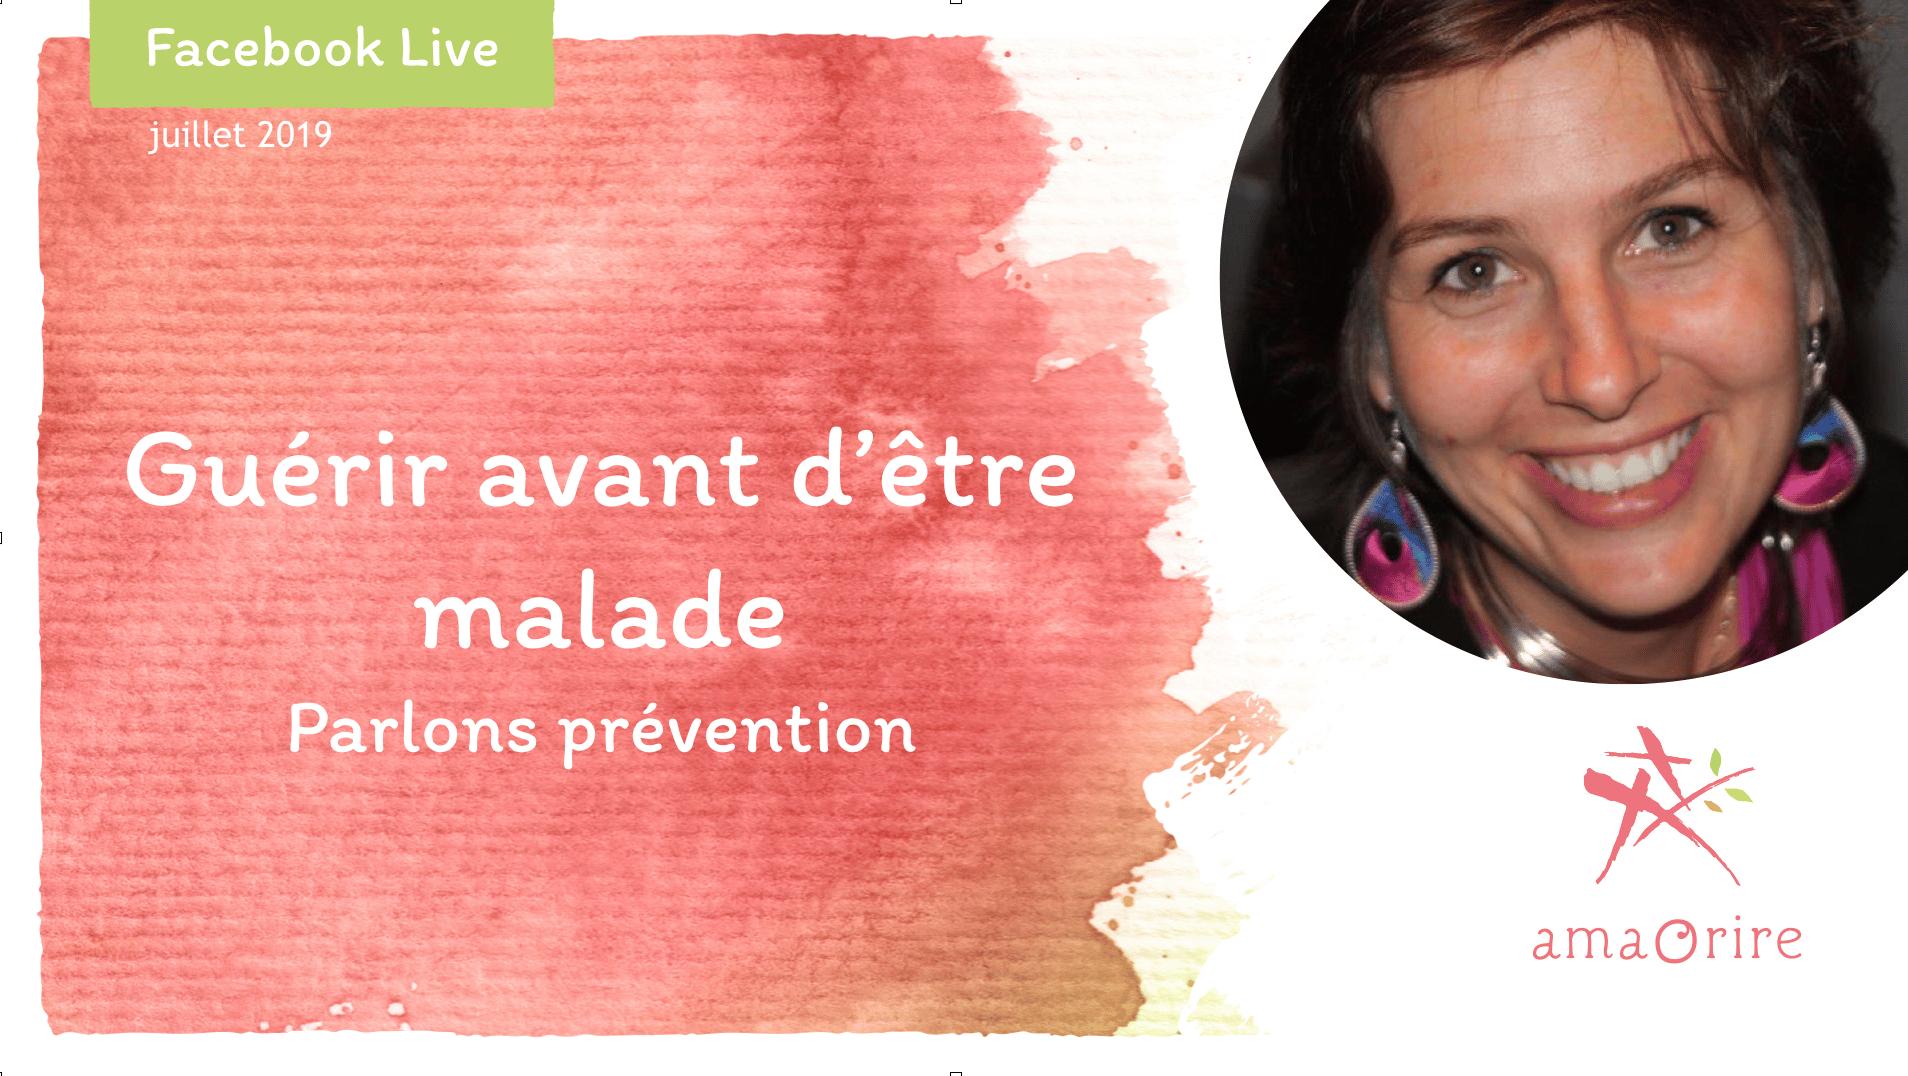 Guérir avant d'être malade: parlons prévention